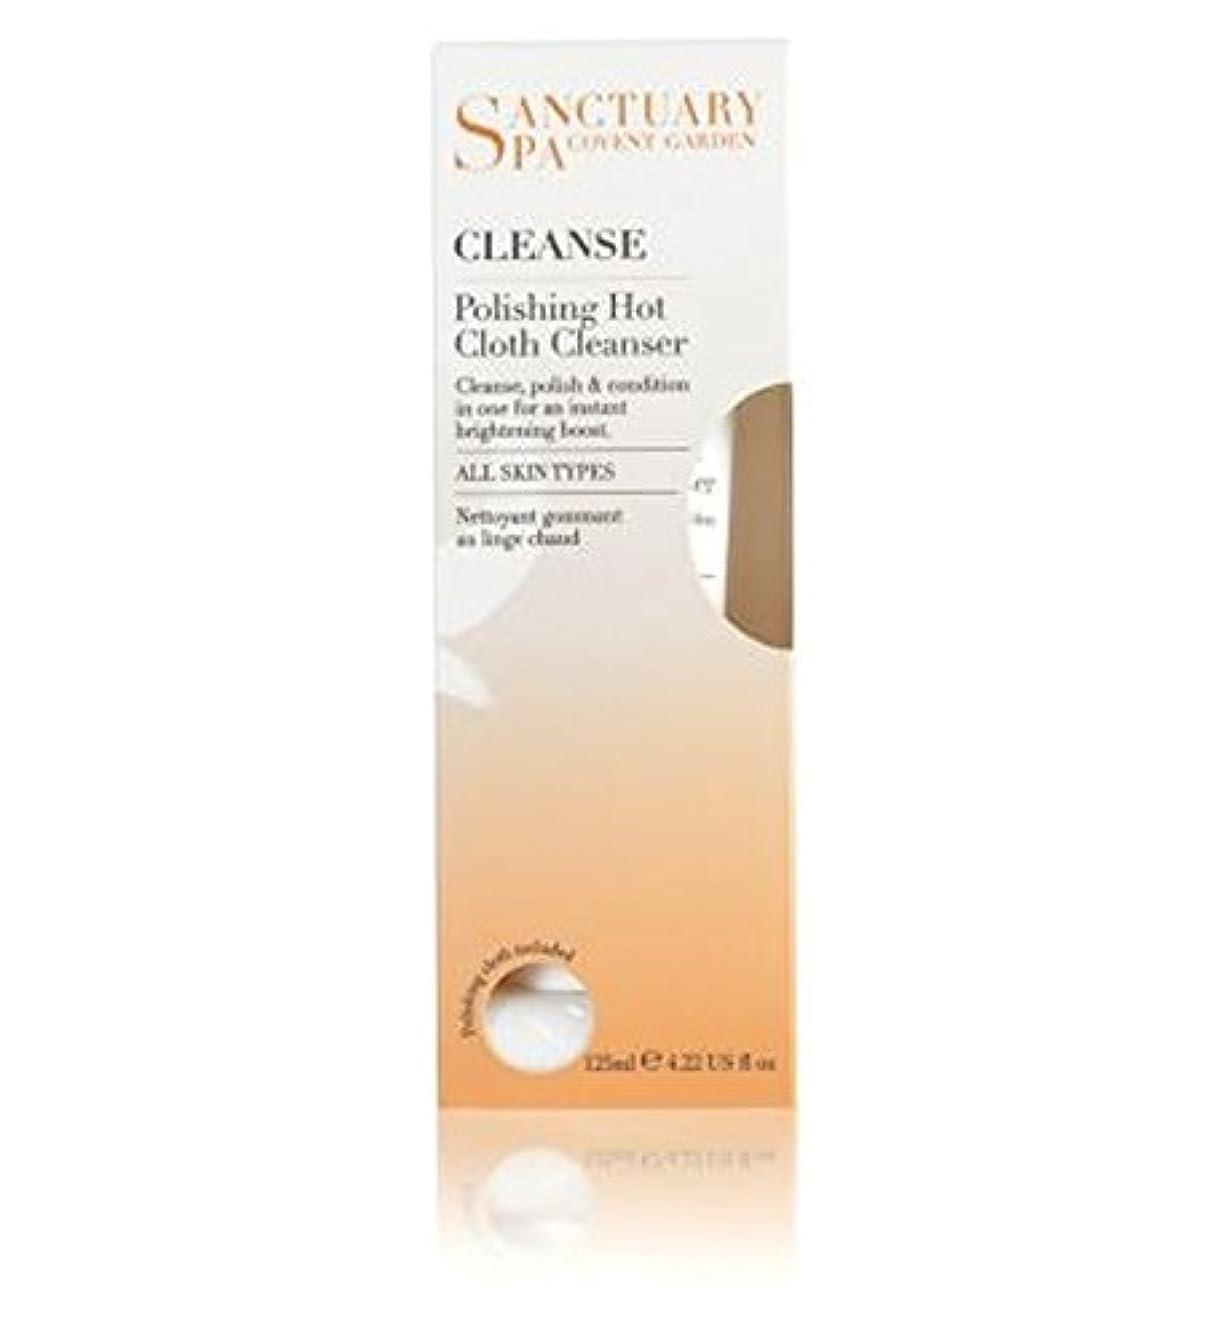 対応するランチ特徴づけるSanctuary Spa Polishing Hot Cloth Cleanser - 聖域スパ研磨ホット布クレンザー (Sanctuary) [並行輸入品]